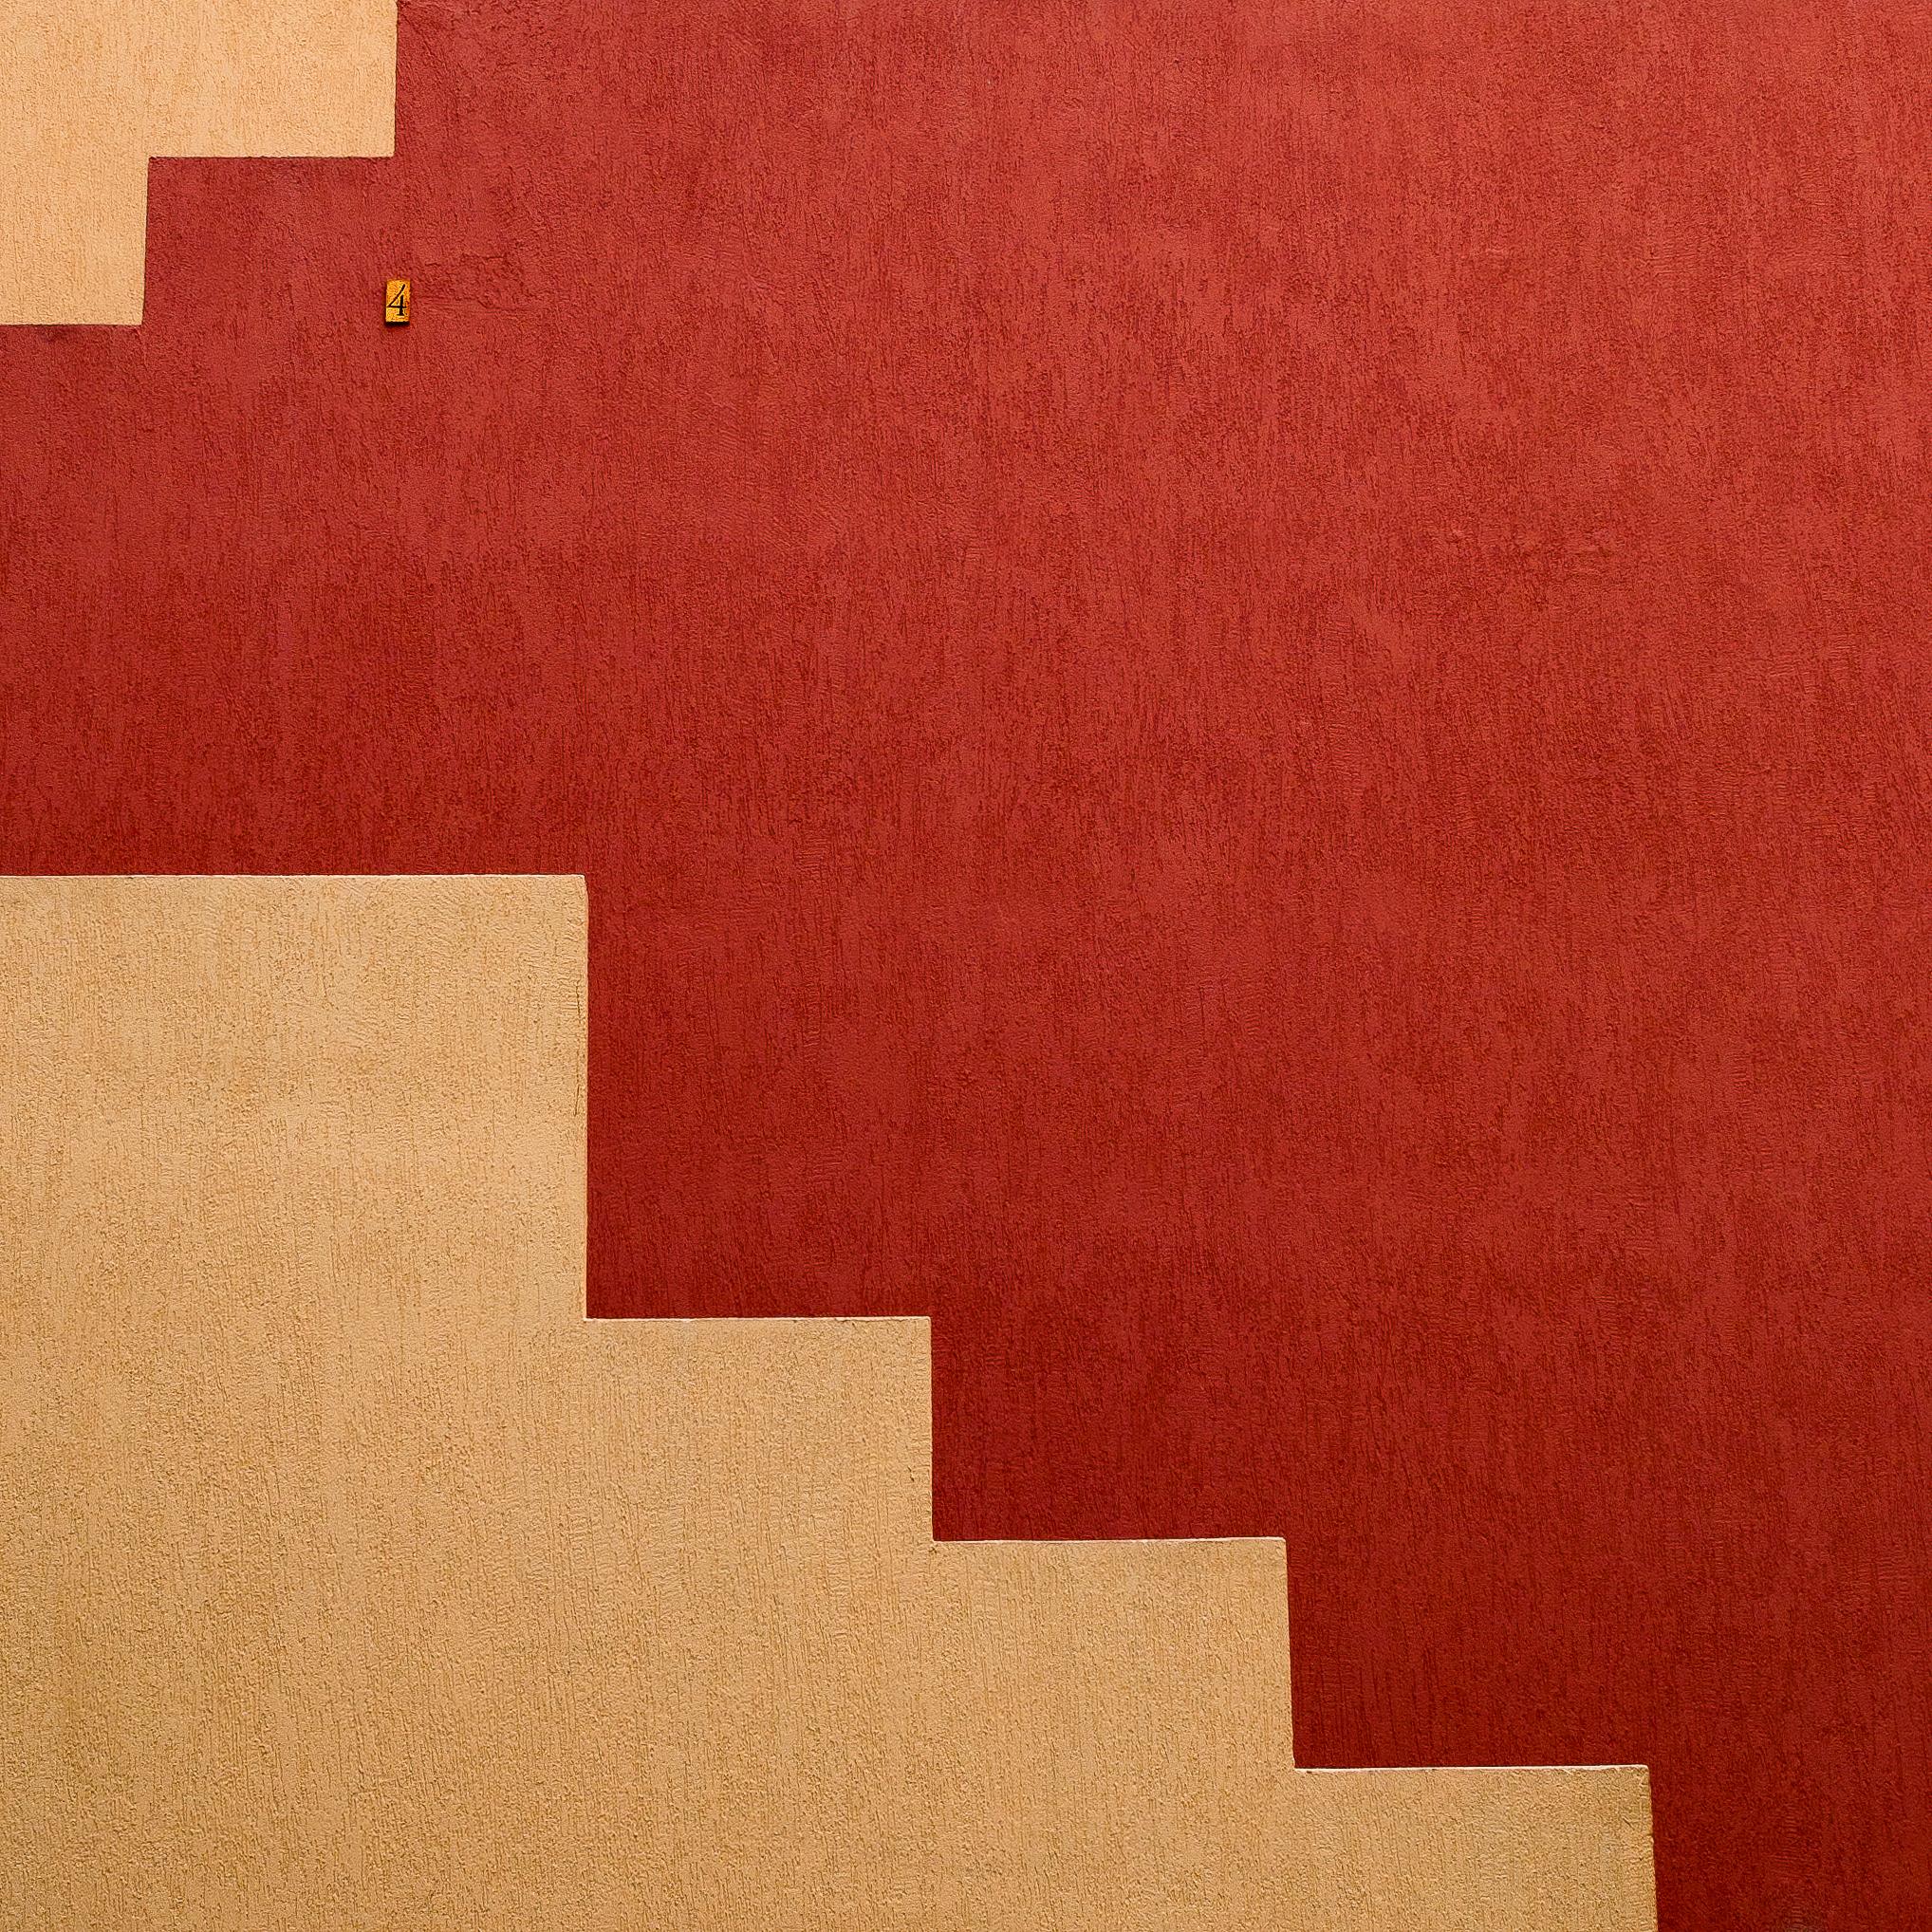 55016壁紙のダウンロードミニマリズム, 壁, ペイント, ペンキ, 数字, 像-スクリーンセーバーと写真を無料で